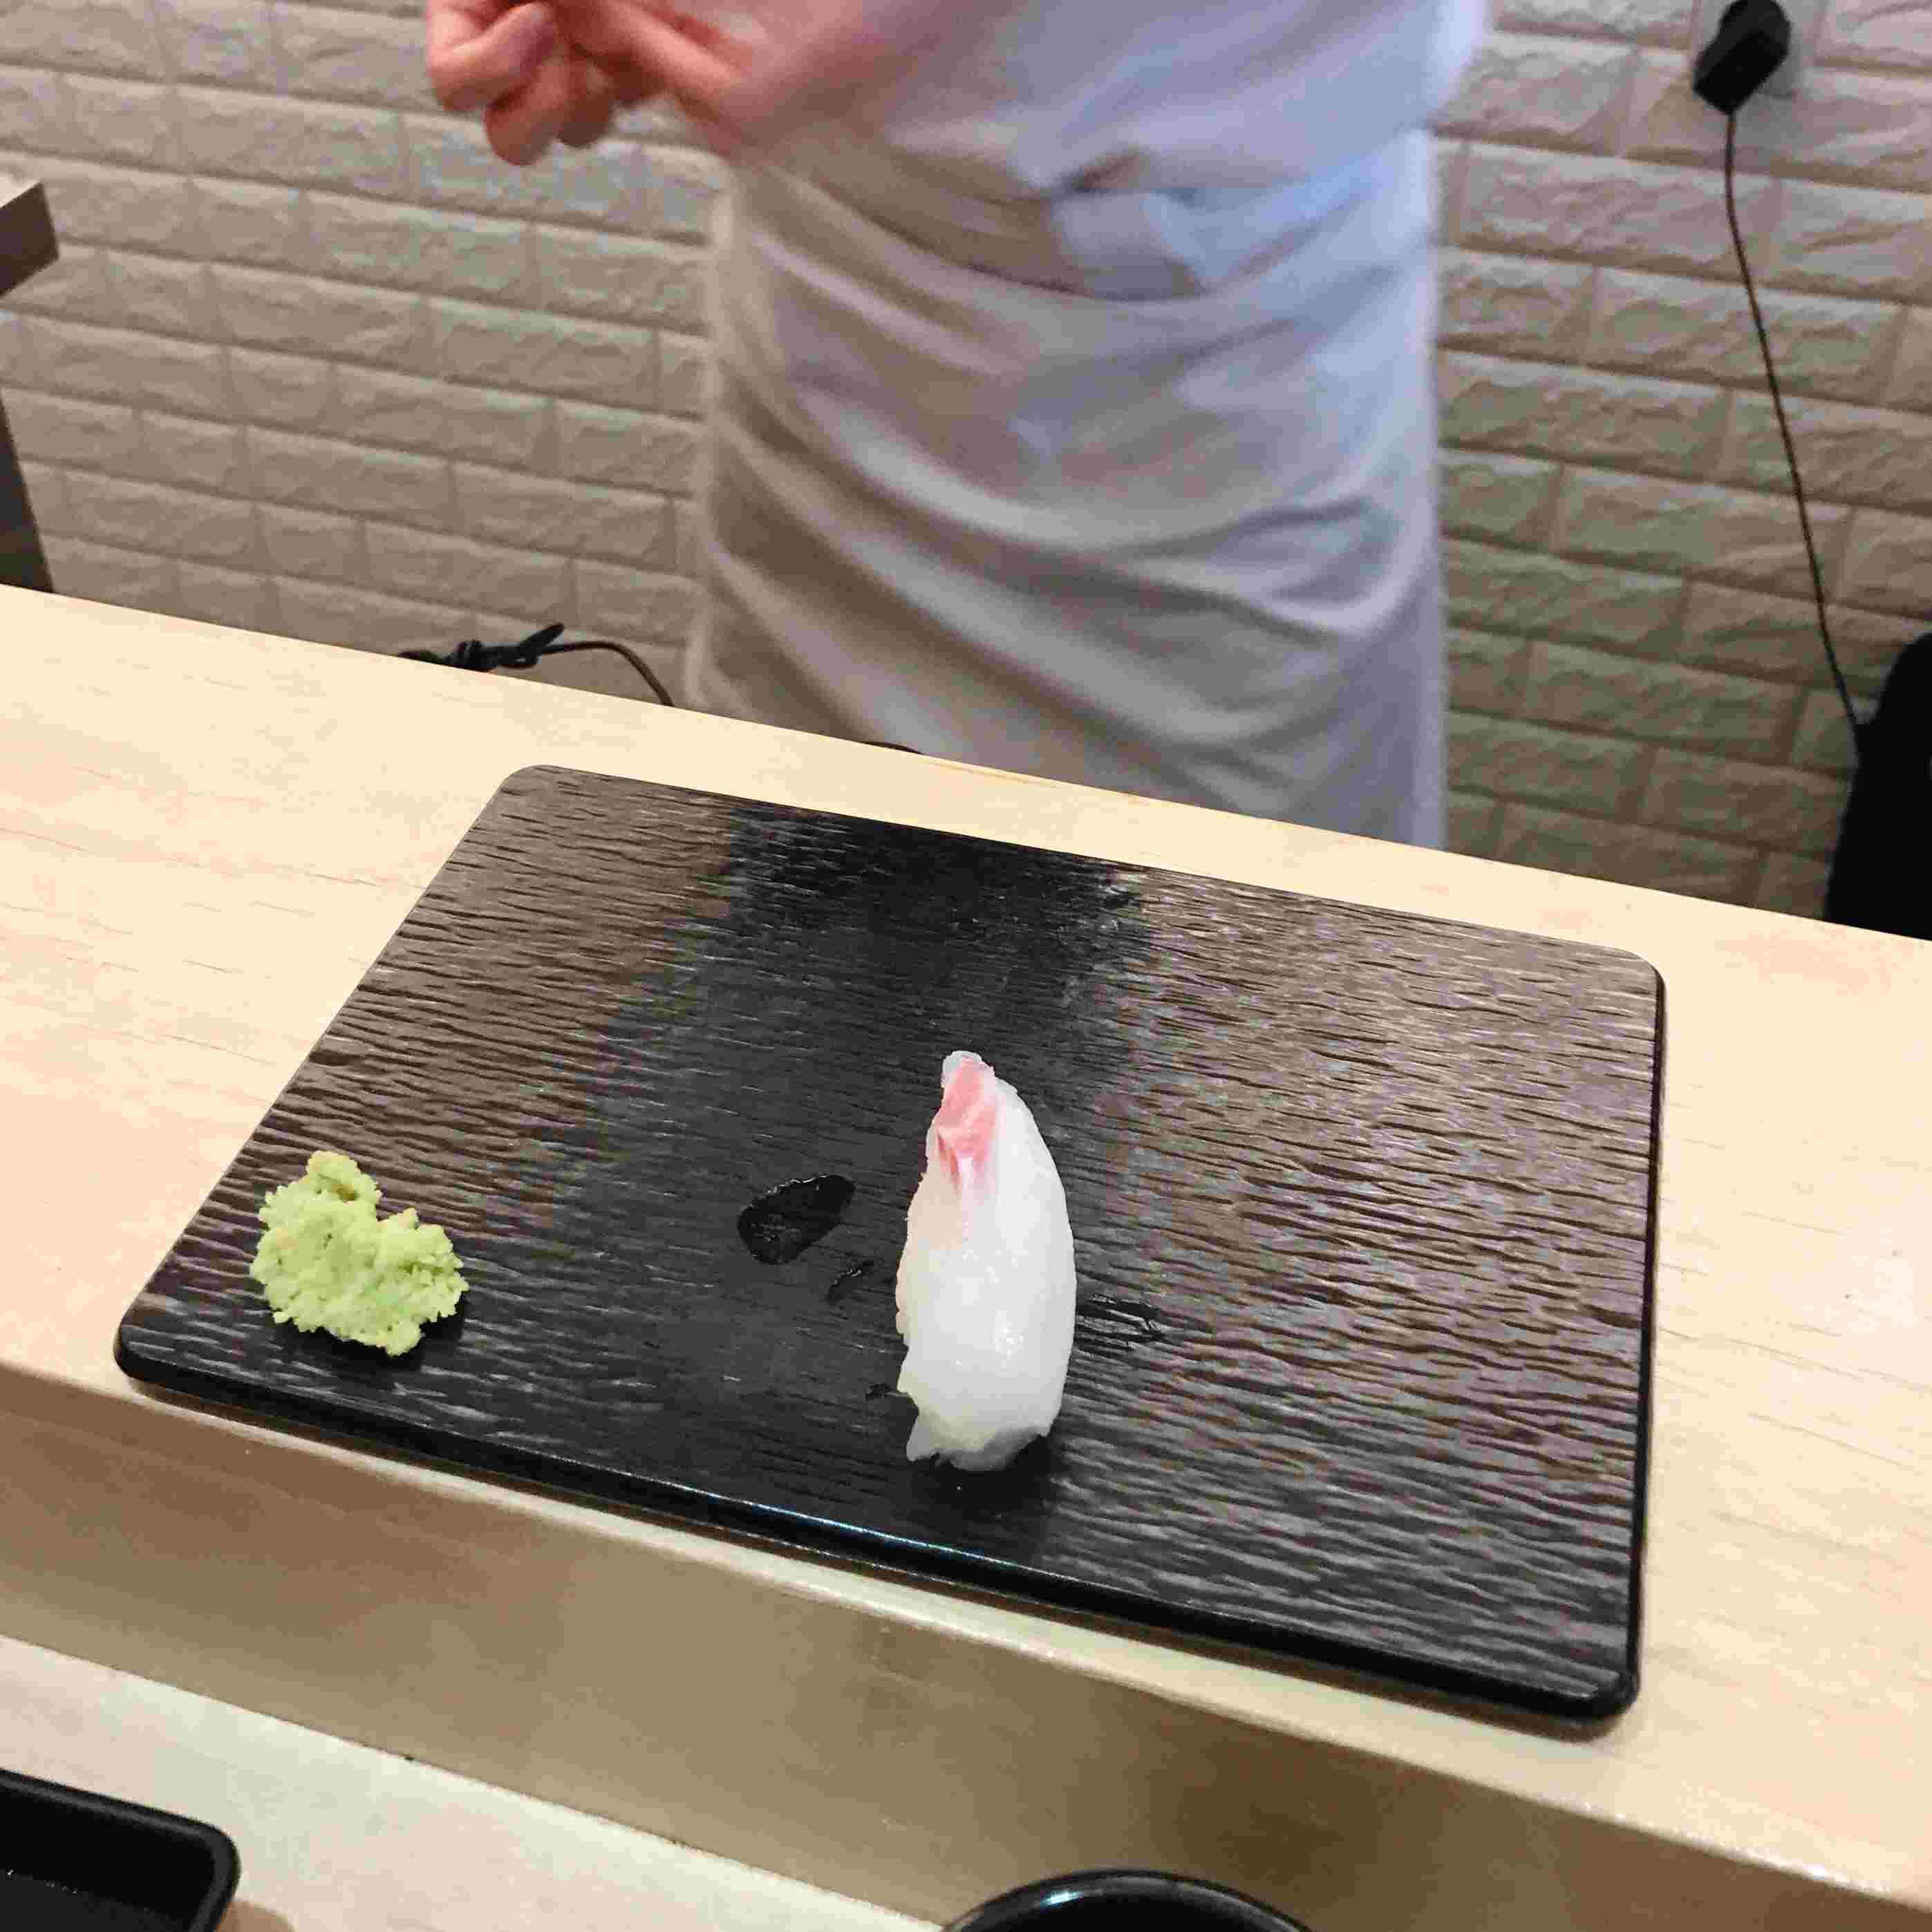 大概等五分鐘就會有第一件壽司,每一次的次序都不一樣喔!